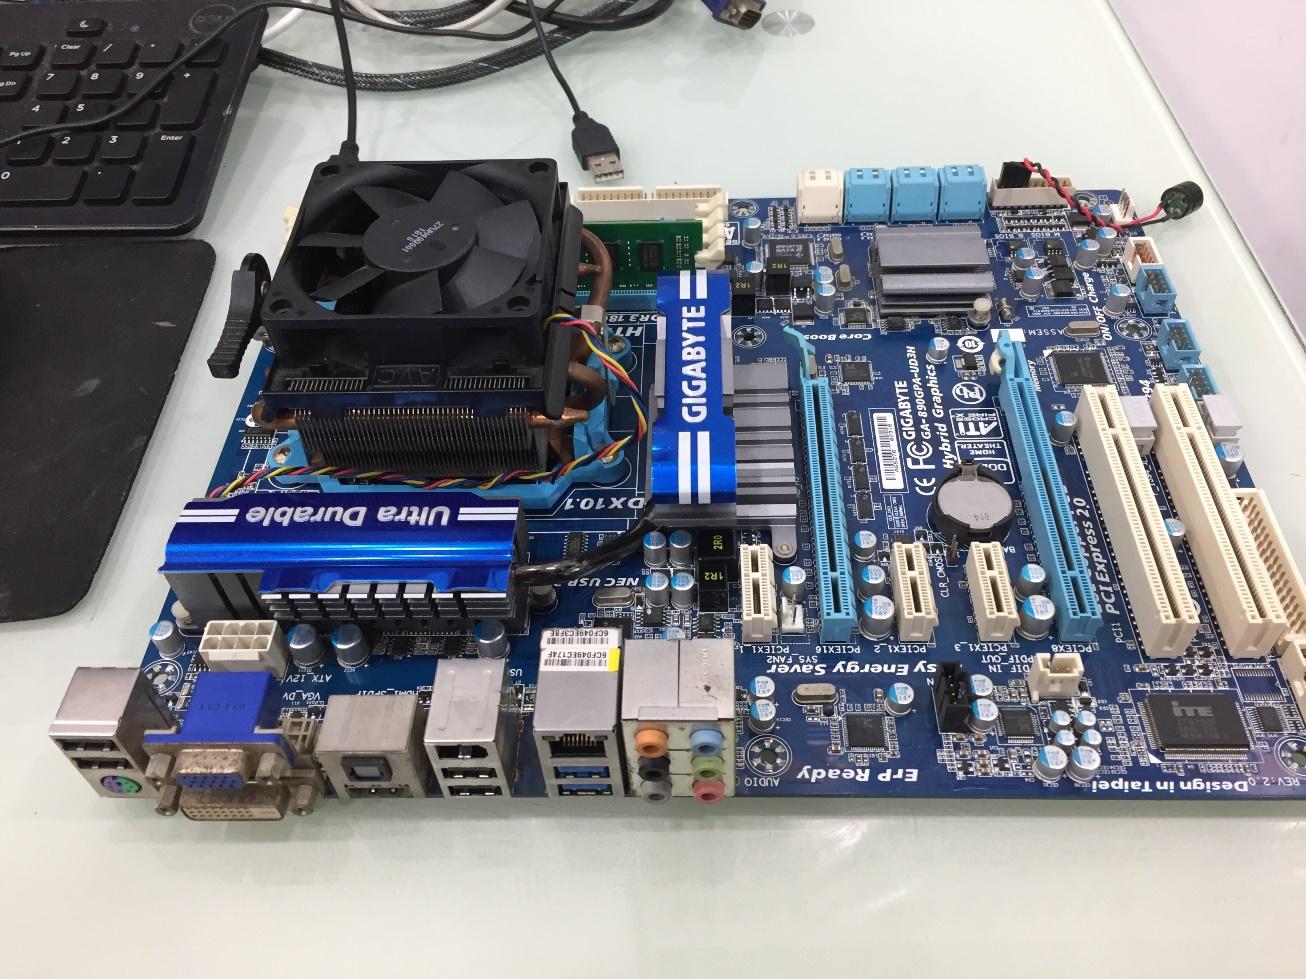 AMD Phenom II X6 1050T + เมนบอร์ด